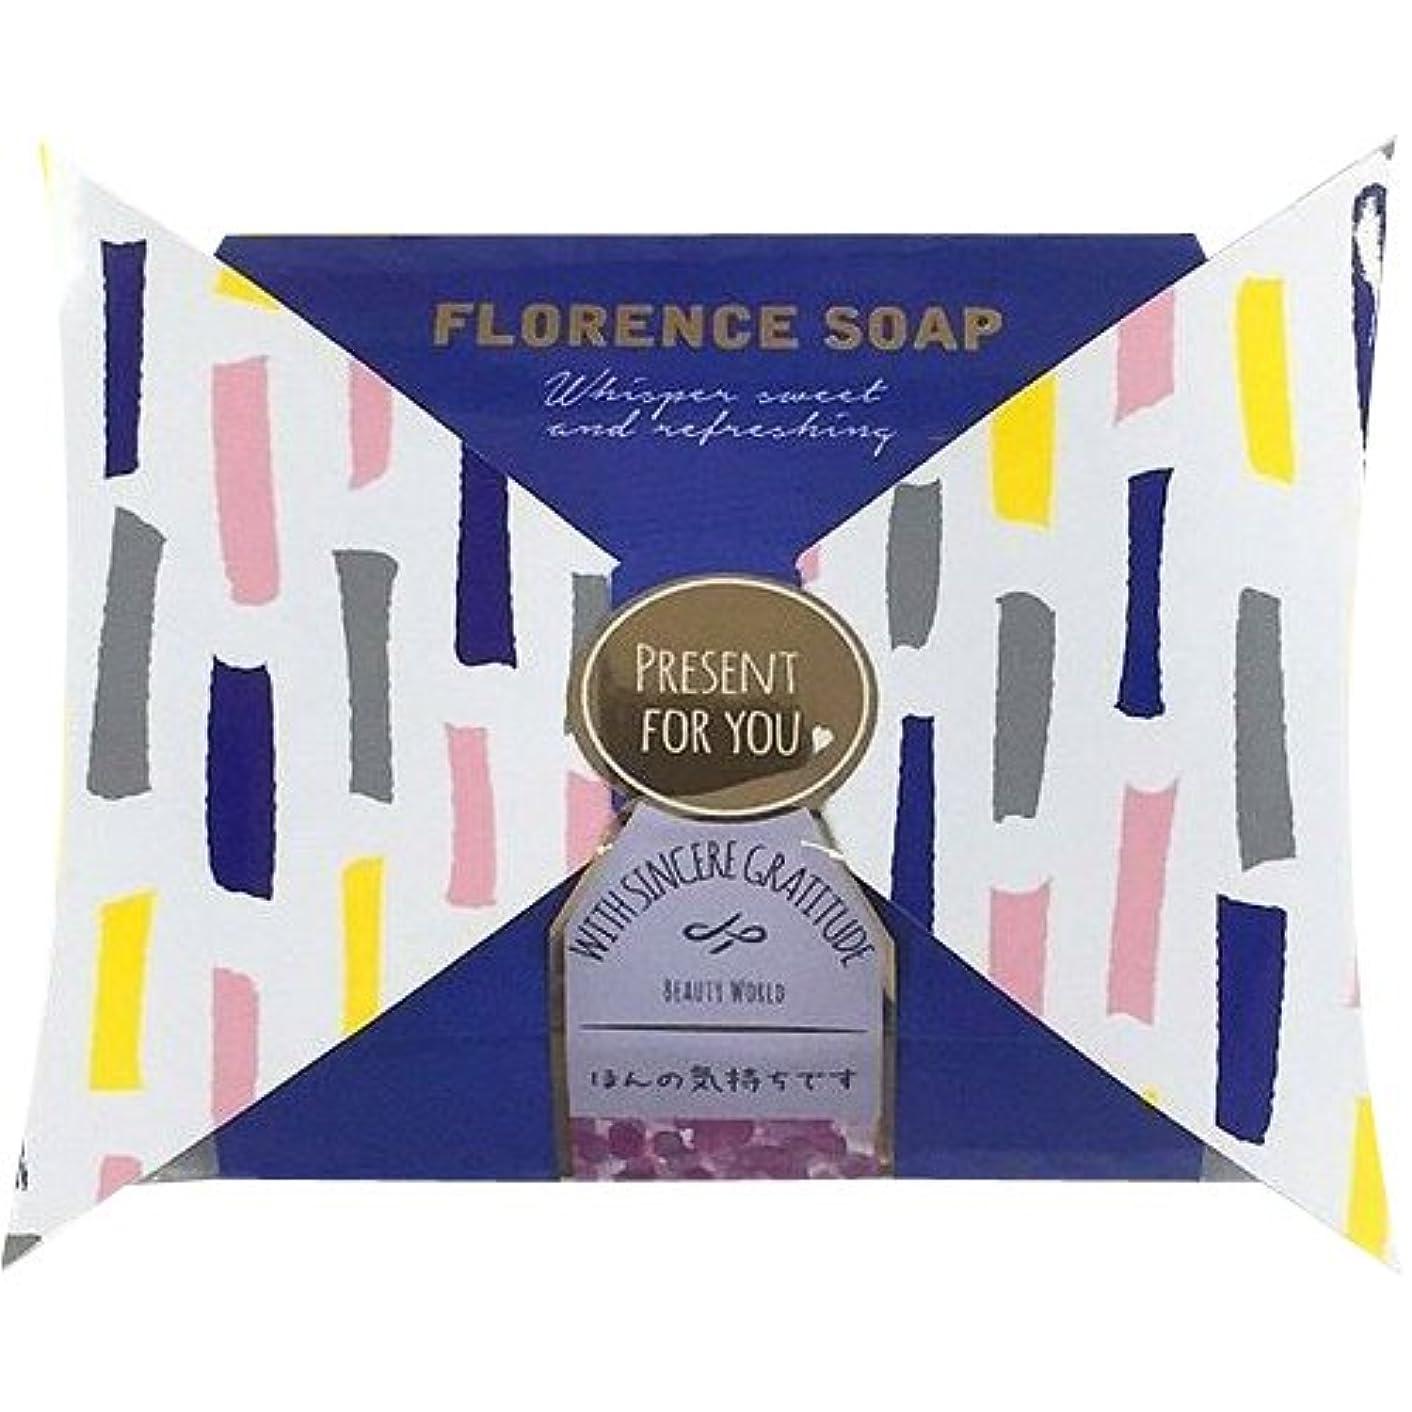 マニアック休暇晩餐BW フローレンスの香り石けん リボンパッケージ FSP385 甘く爽やかなささやき (35g)